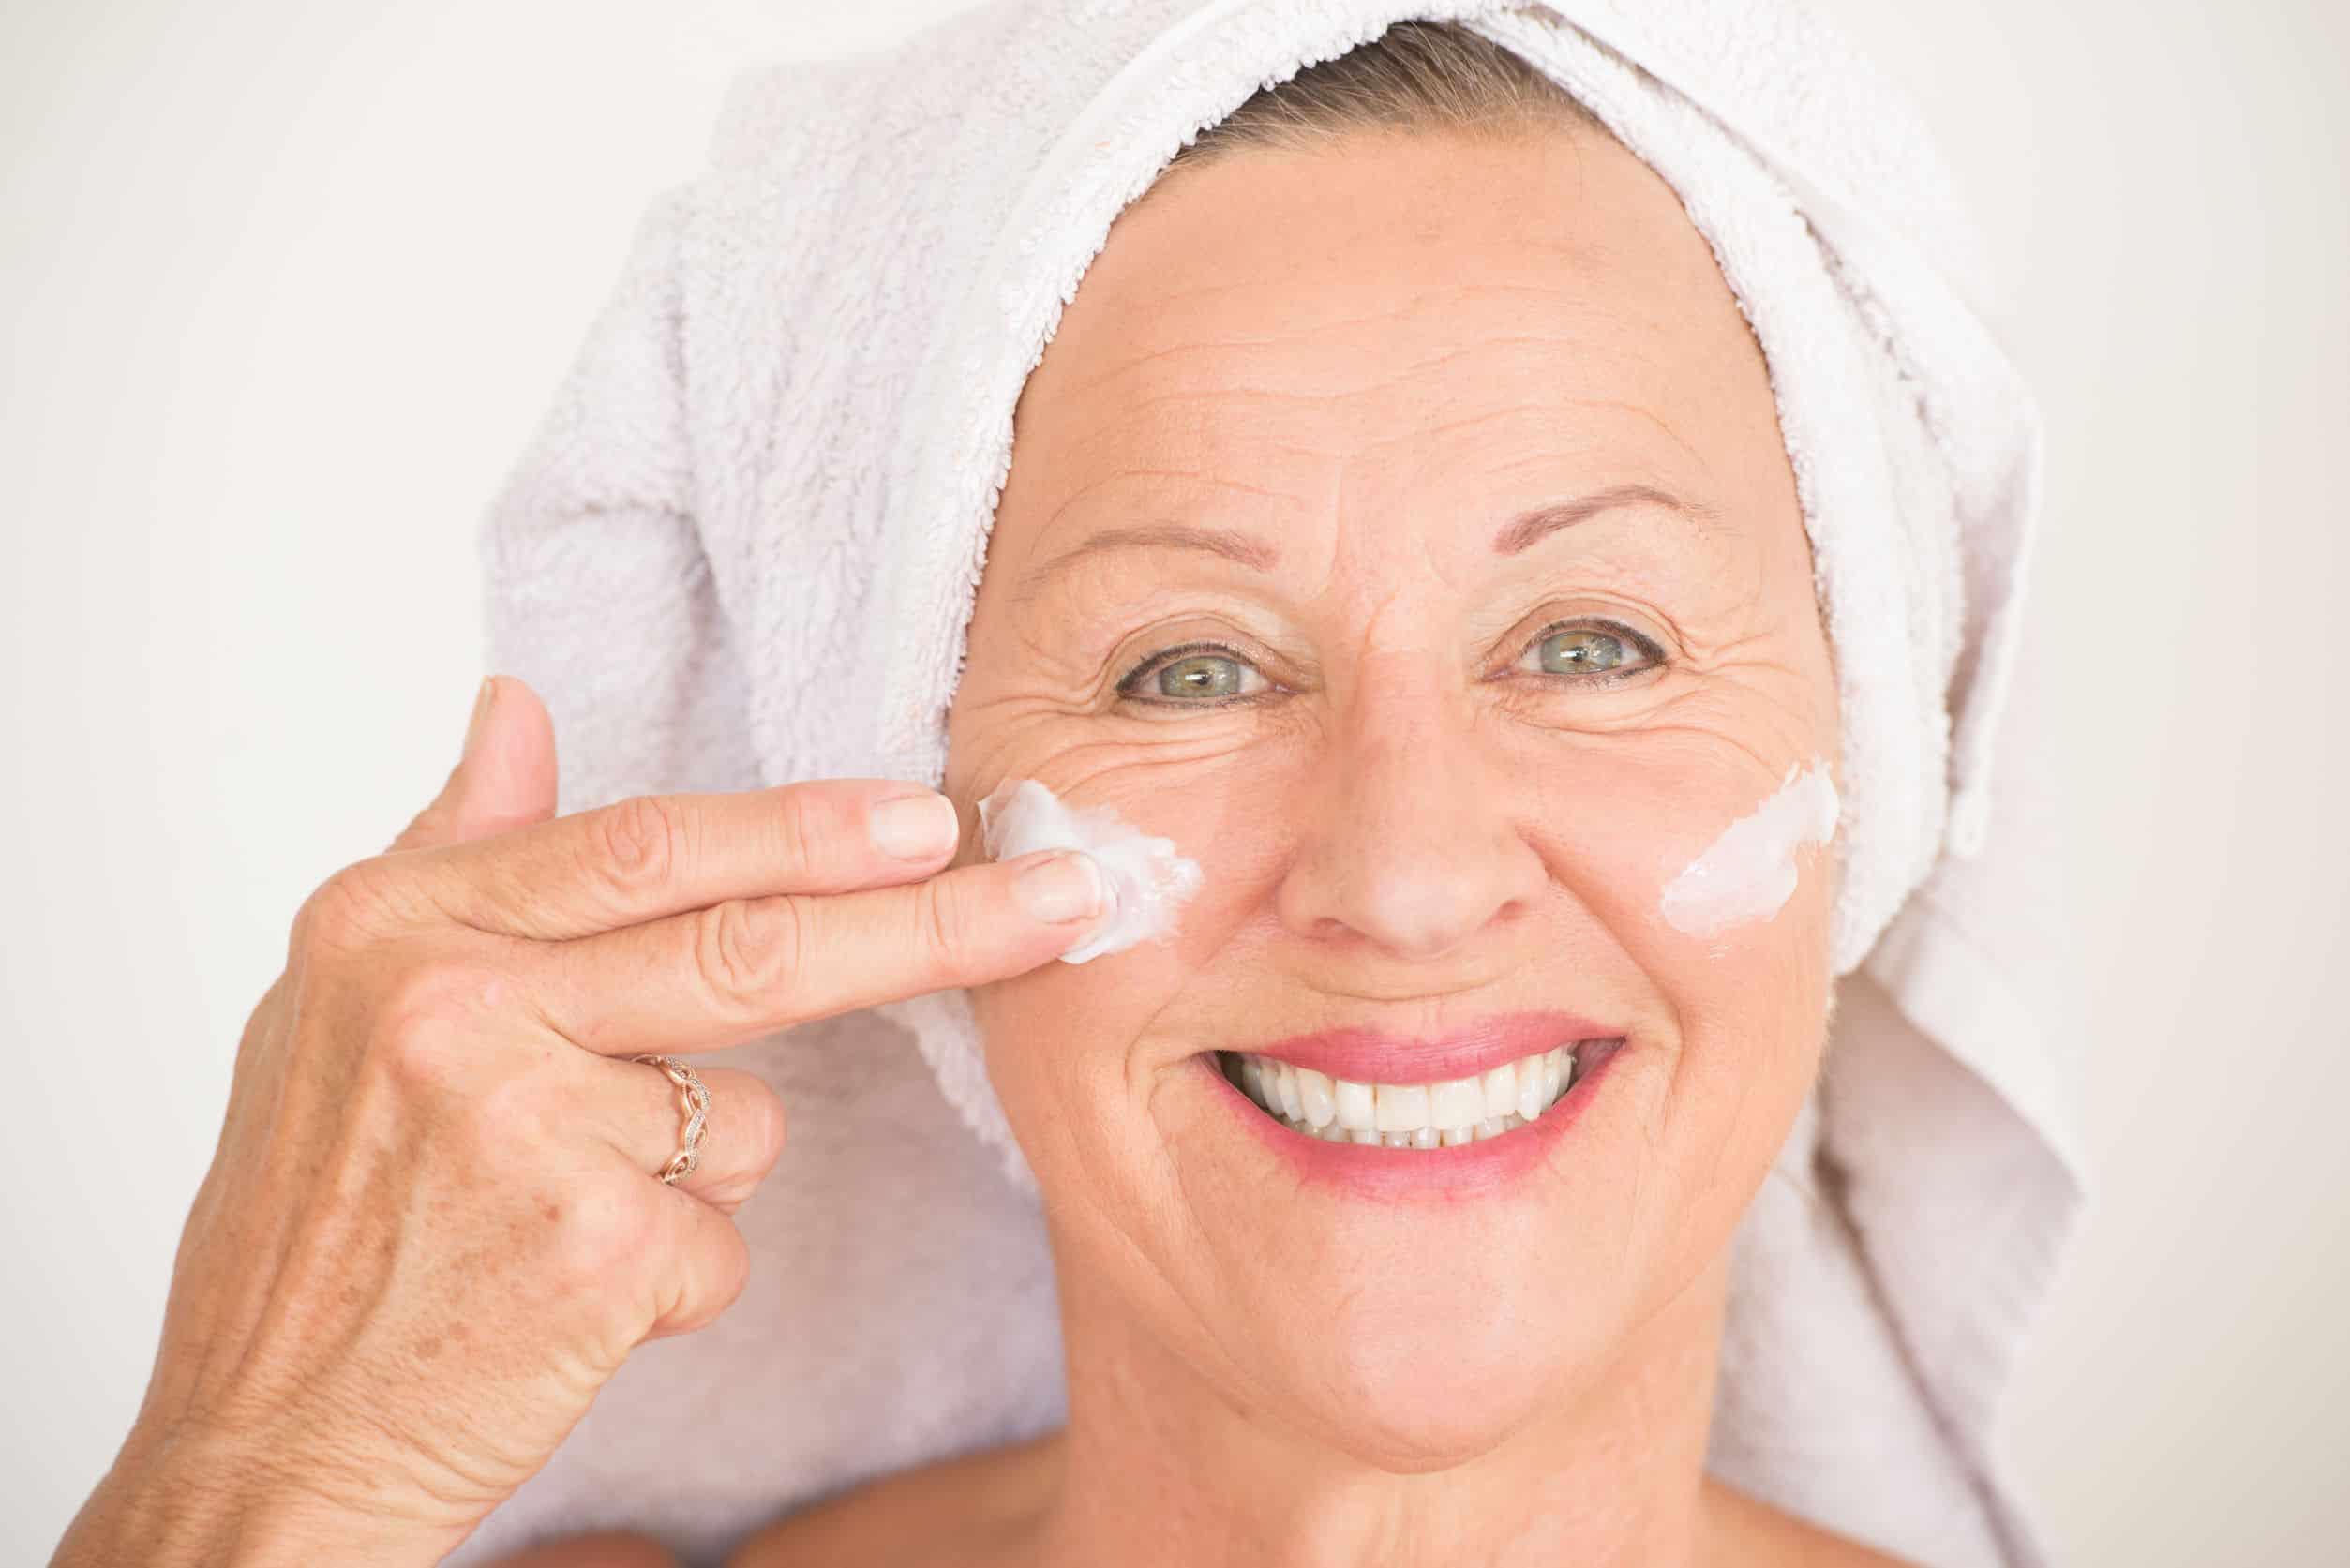 Mulher idosa com toalha de banho enrolada na cabeça aplicando creme para rugas no rosto.